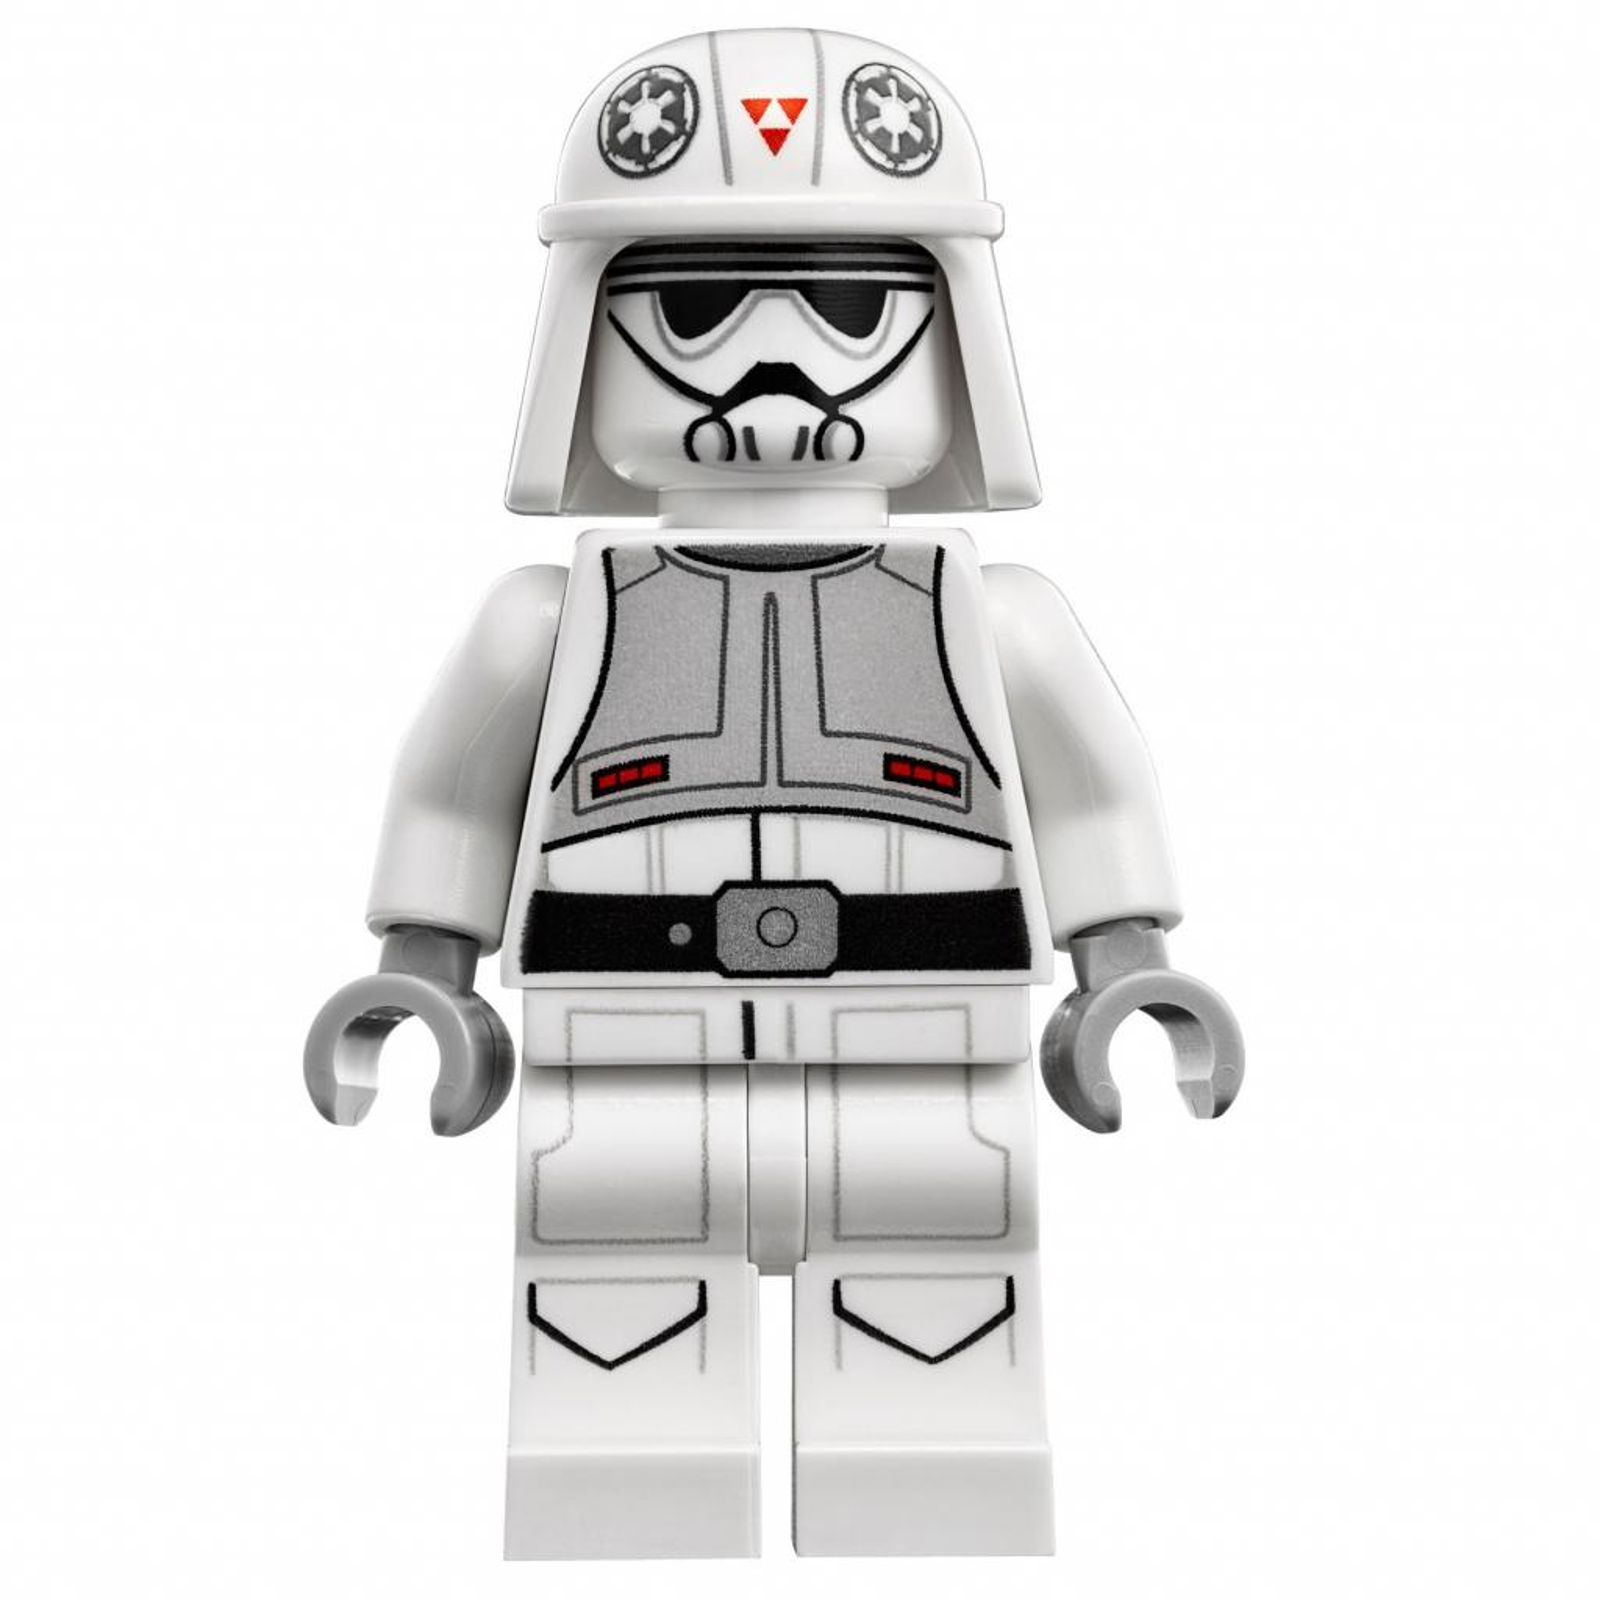 Конструктор LEGO Star Wars Вездеходная оборонительная платформа AT-DP (75130) изображение 6